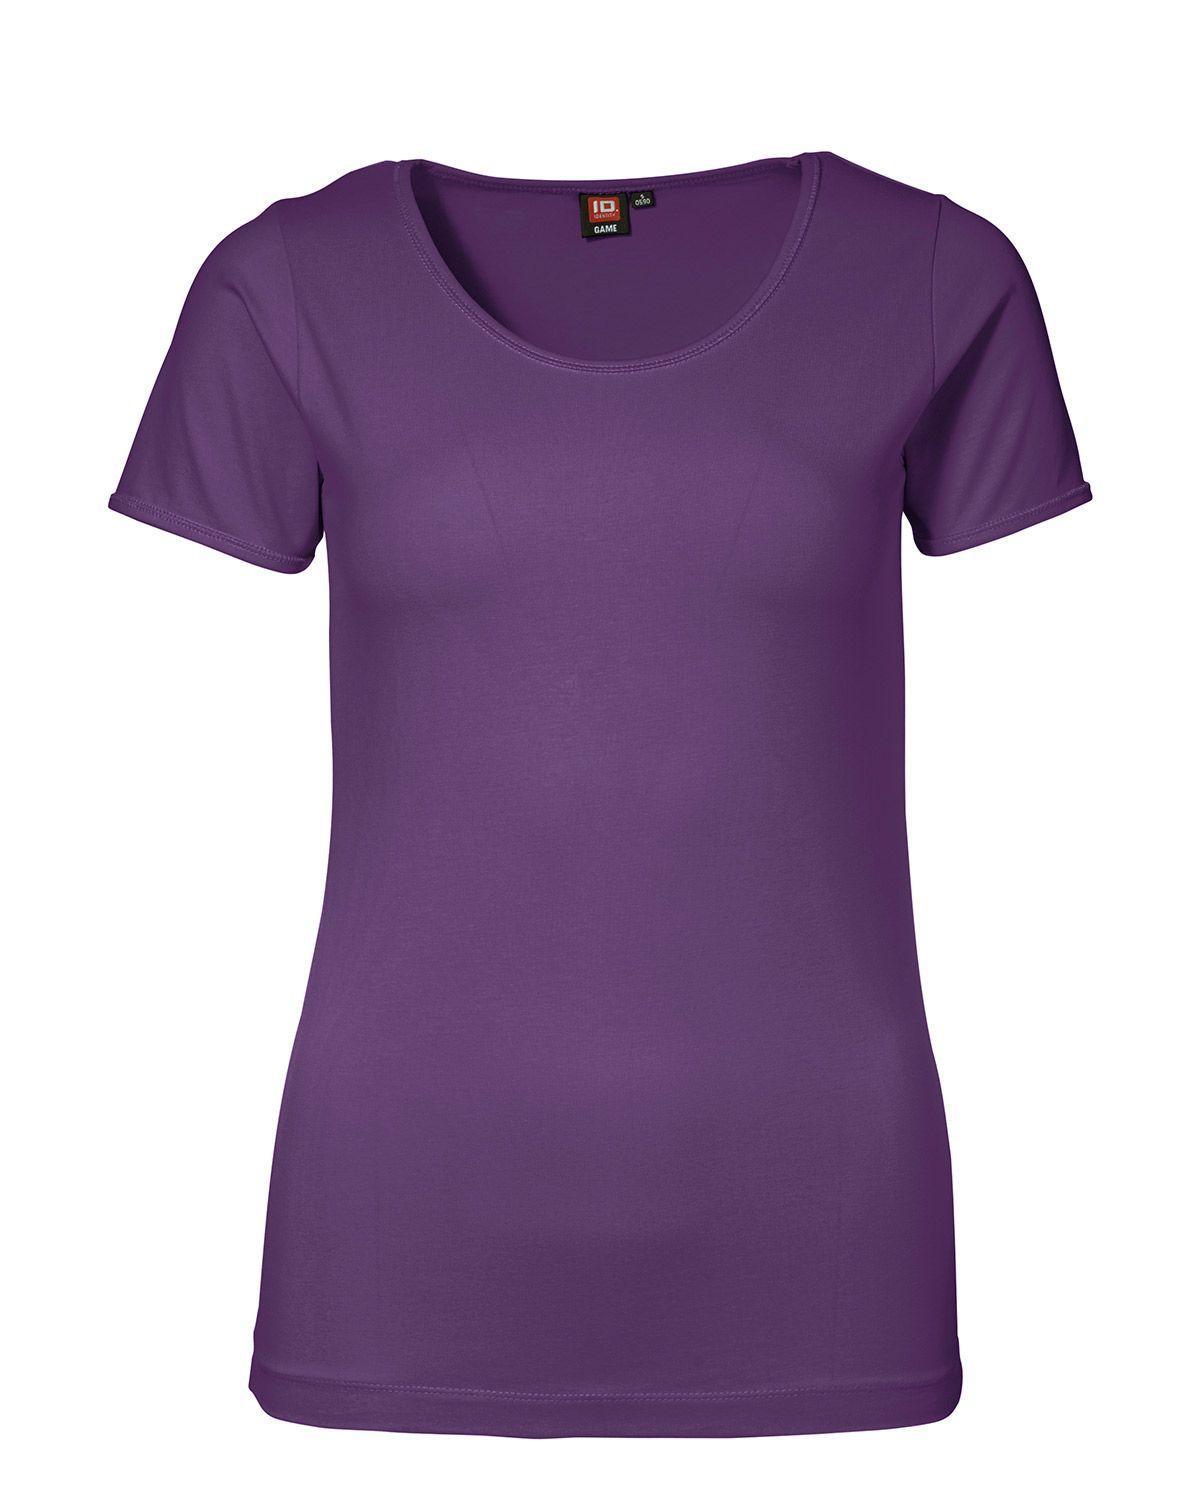 ID Stretch T-shirt för Kvinnor (Lila, XS)